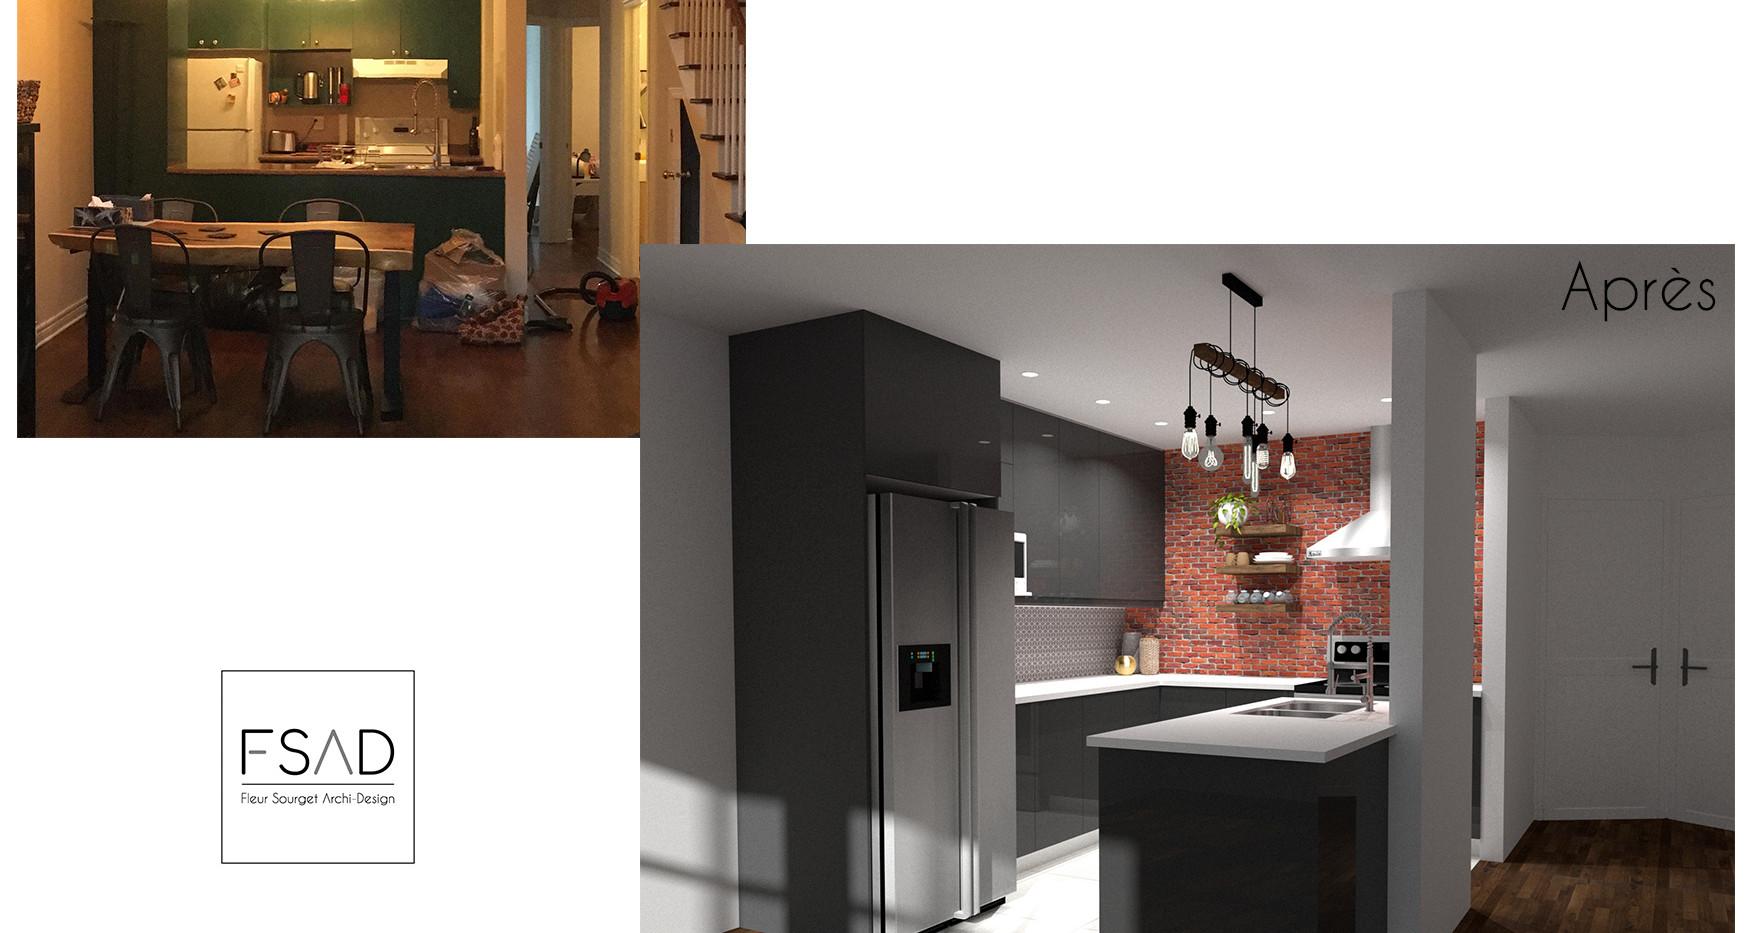 réaménagement d'une cuisine à montréal